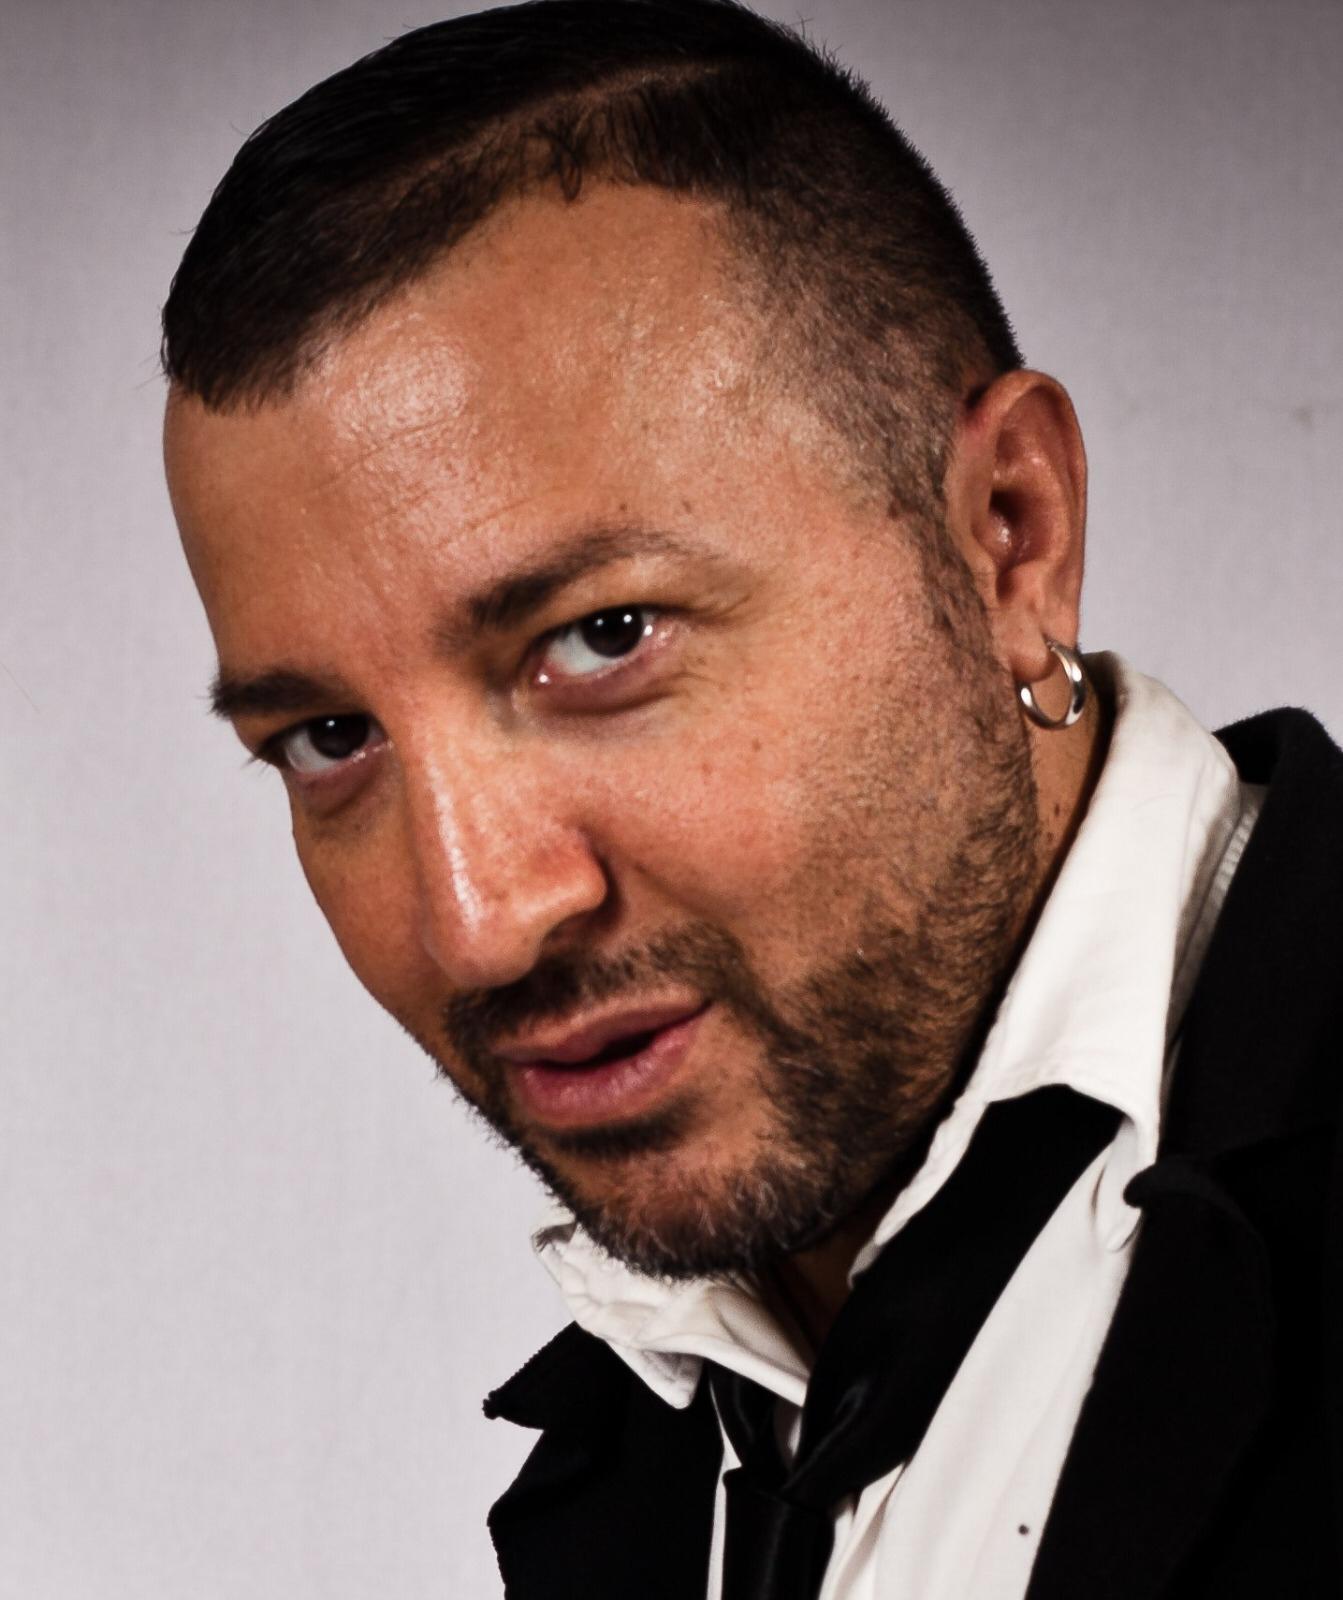 Gigi Les Autres partecipa alla 37° edizione di The Look of the Year Fashion Award, fino al 26/09